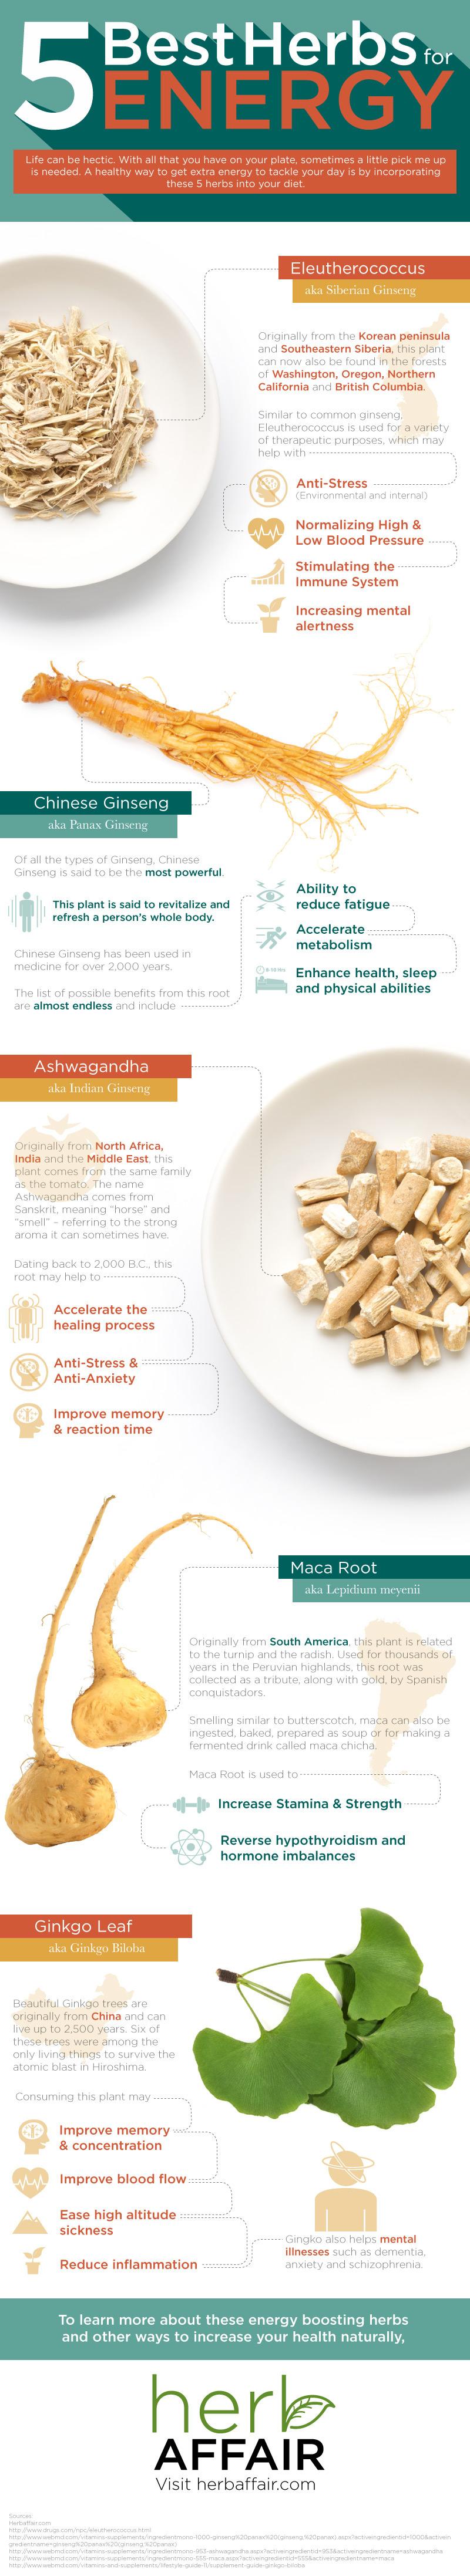 5 Best Herbs for Energy